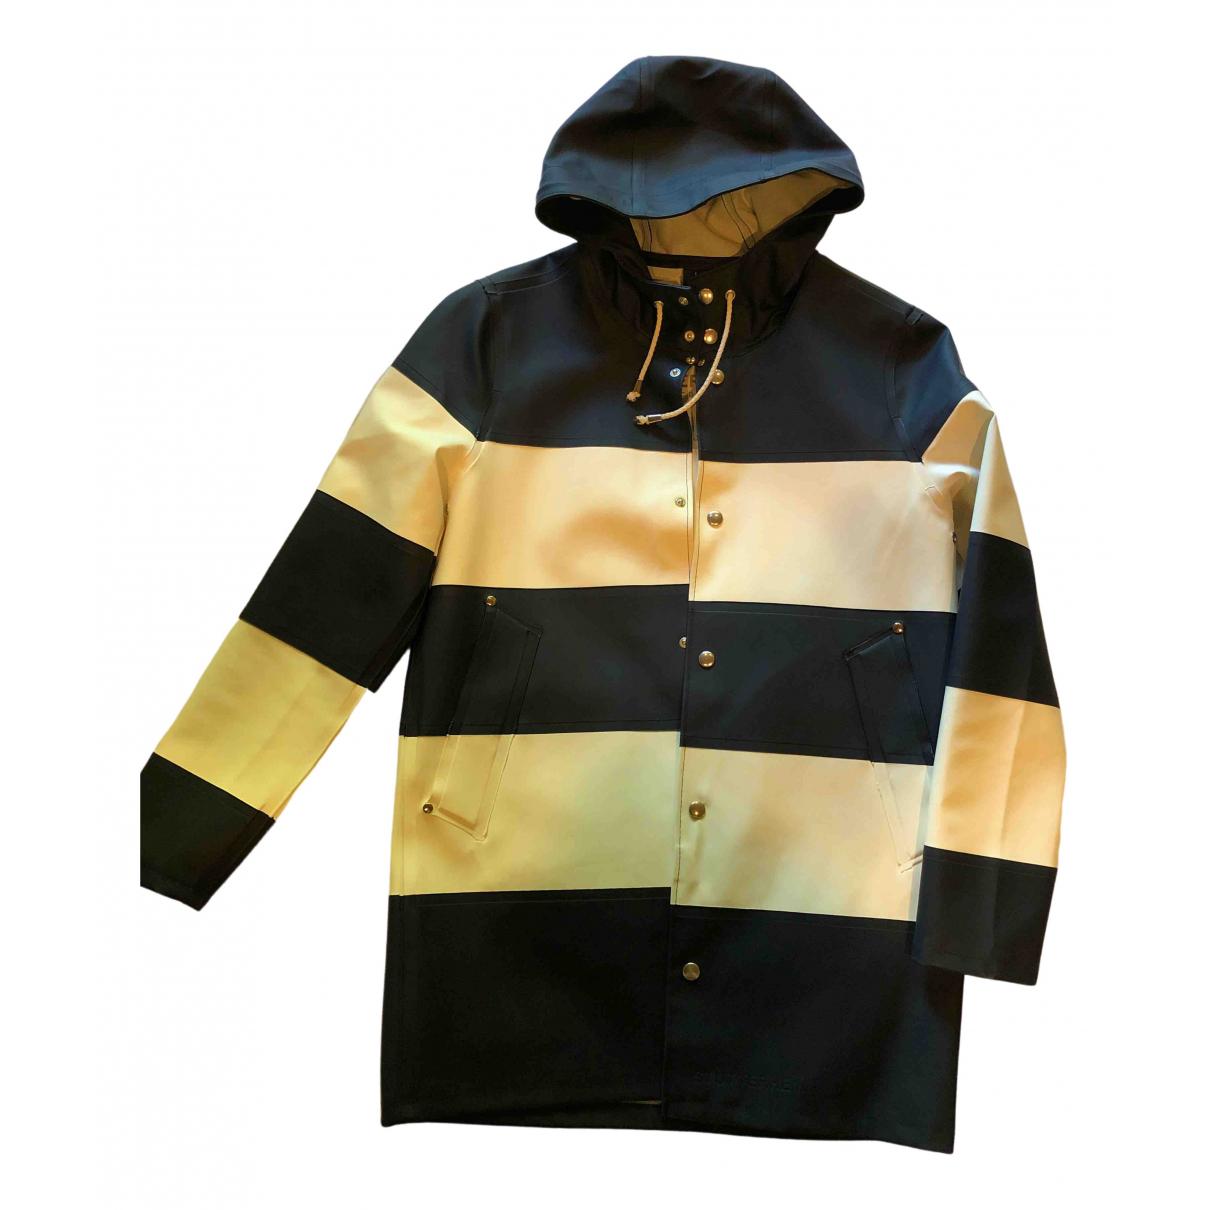 Stutterheim \N Blue jacket for Women XXS International